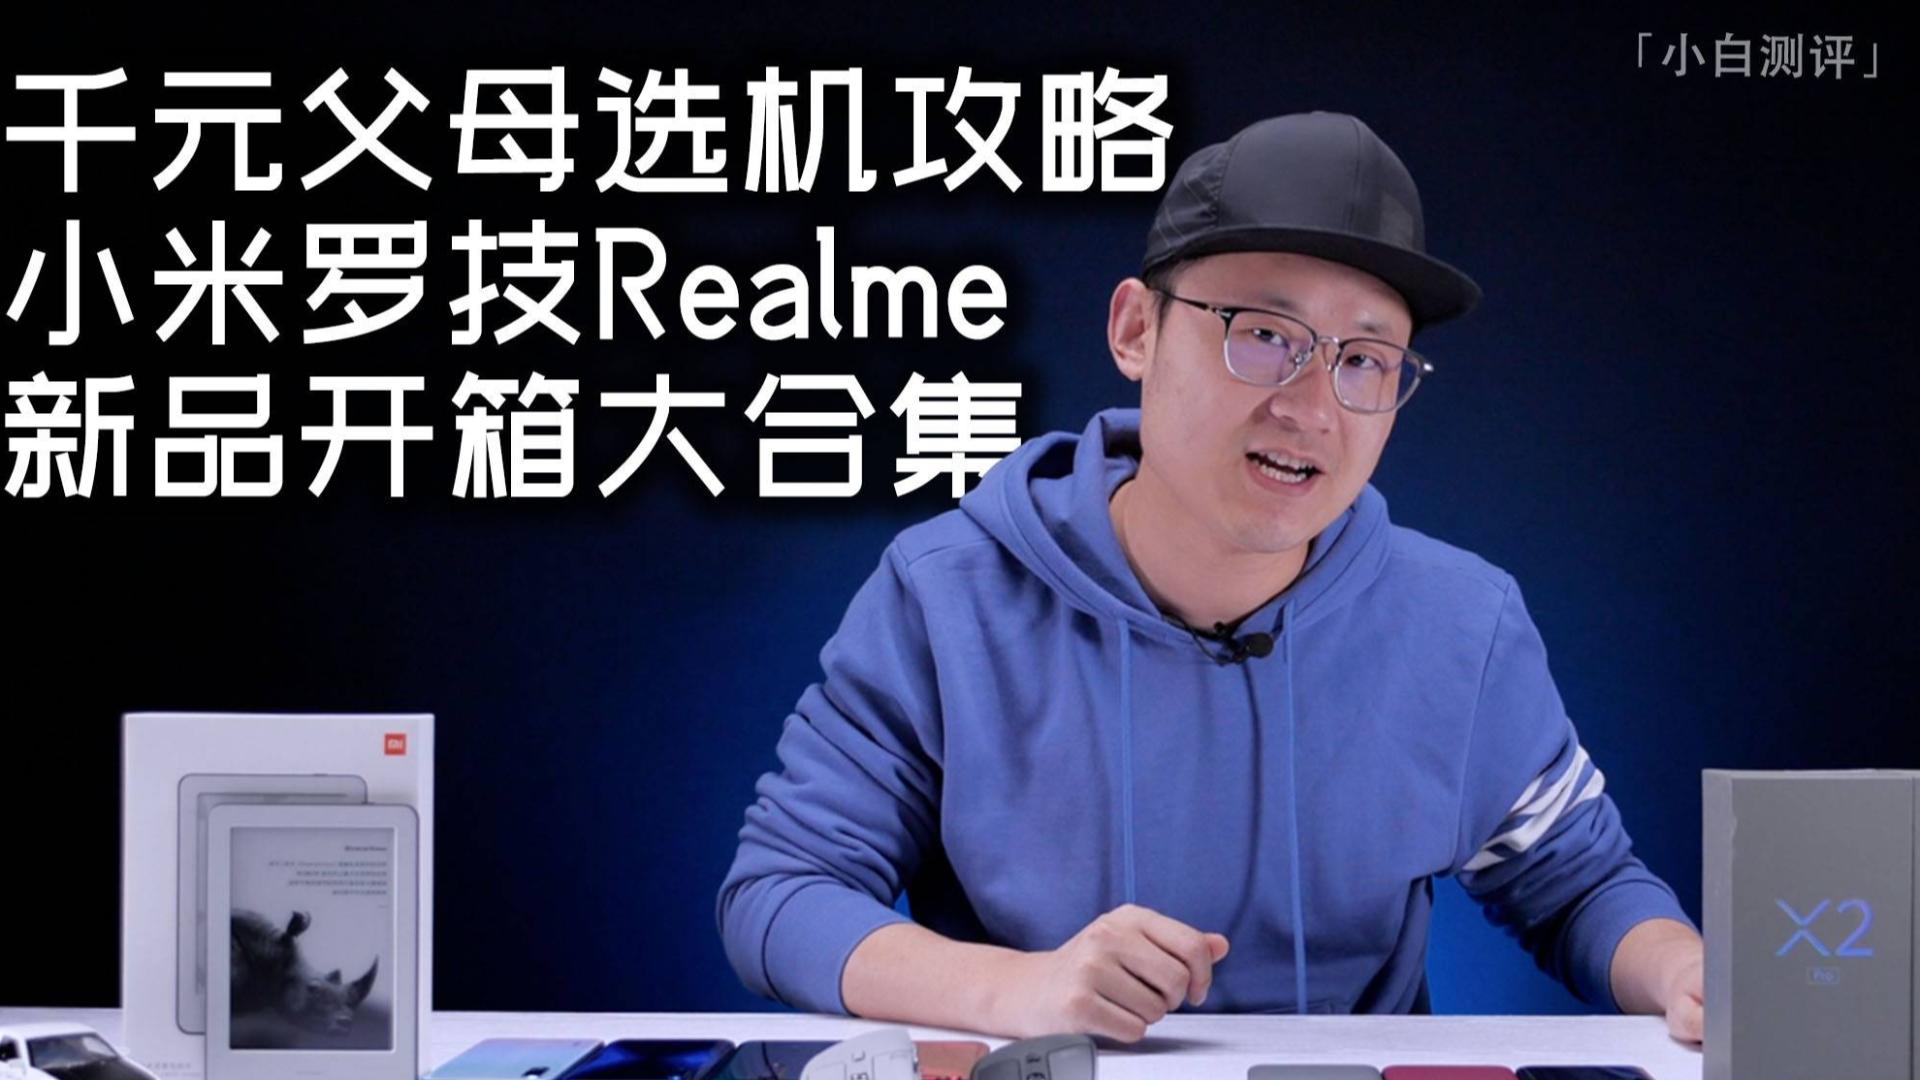 「小白测评」小米罗技Realme新品开箱大合集 年底给父母选机攻略